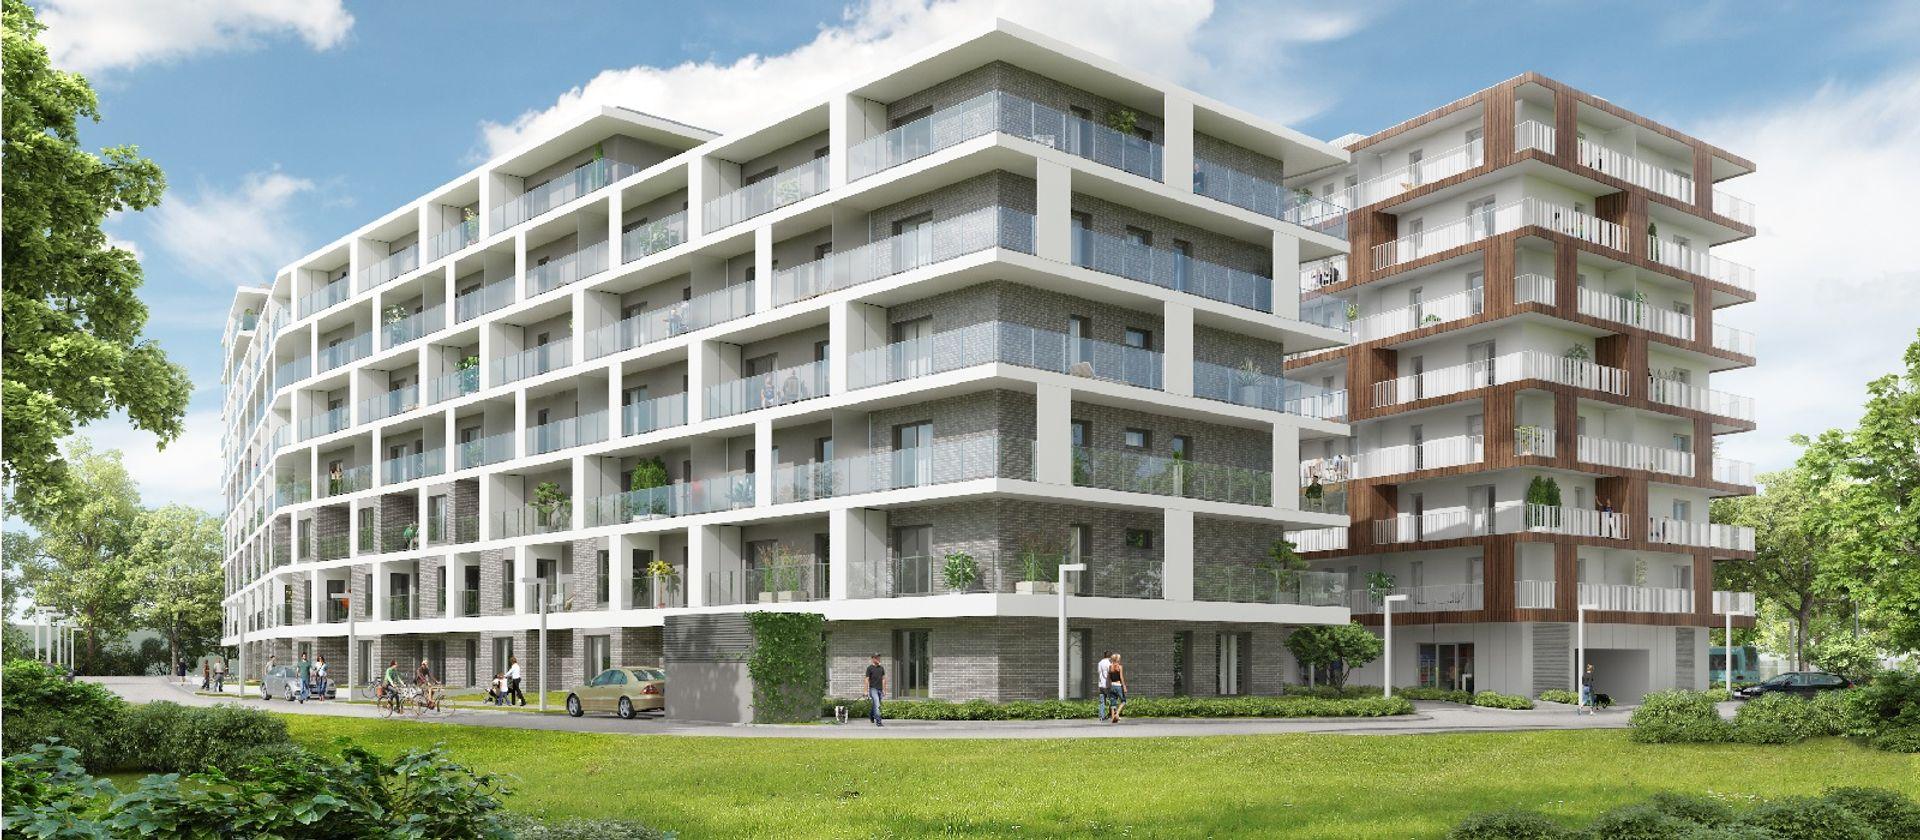 Wrocław: Rafin Developer planuje budowę kolejnych mieszkań w ramach Wybrzeża Reymonta